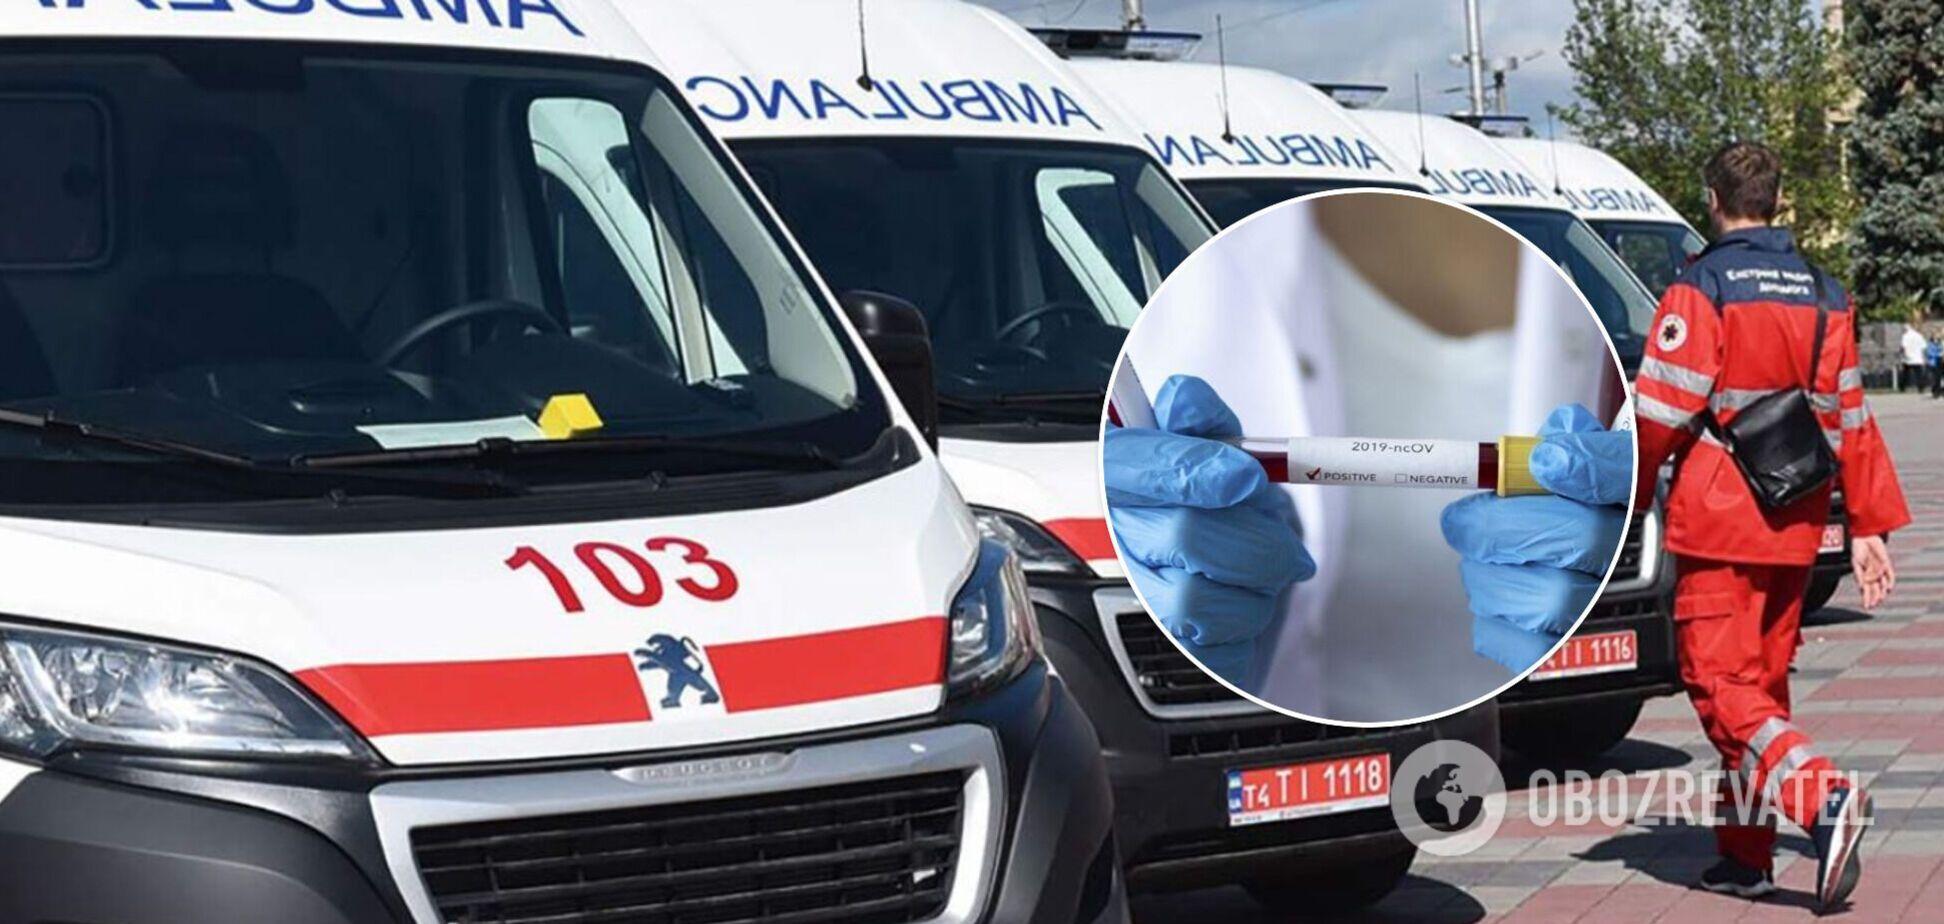 В Днепре мужчина с COVID-19 умер в скорой, отказавшись от госпитализации